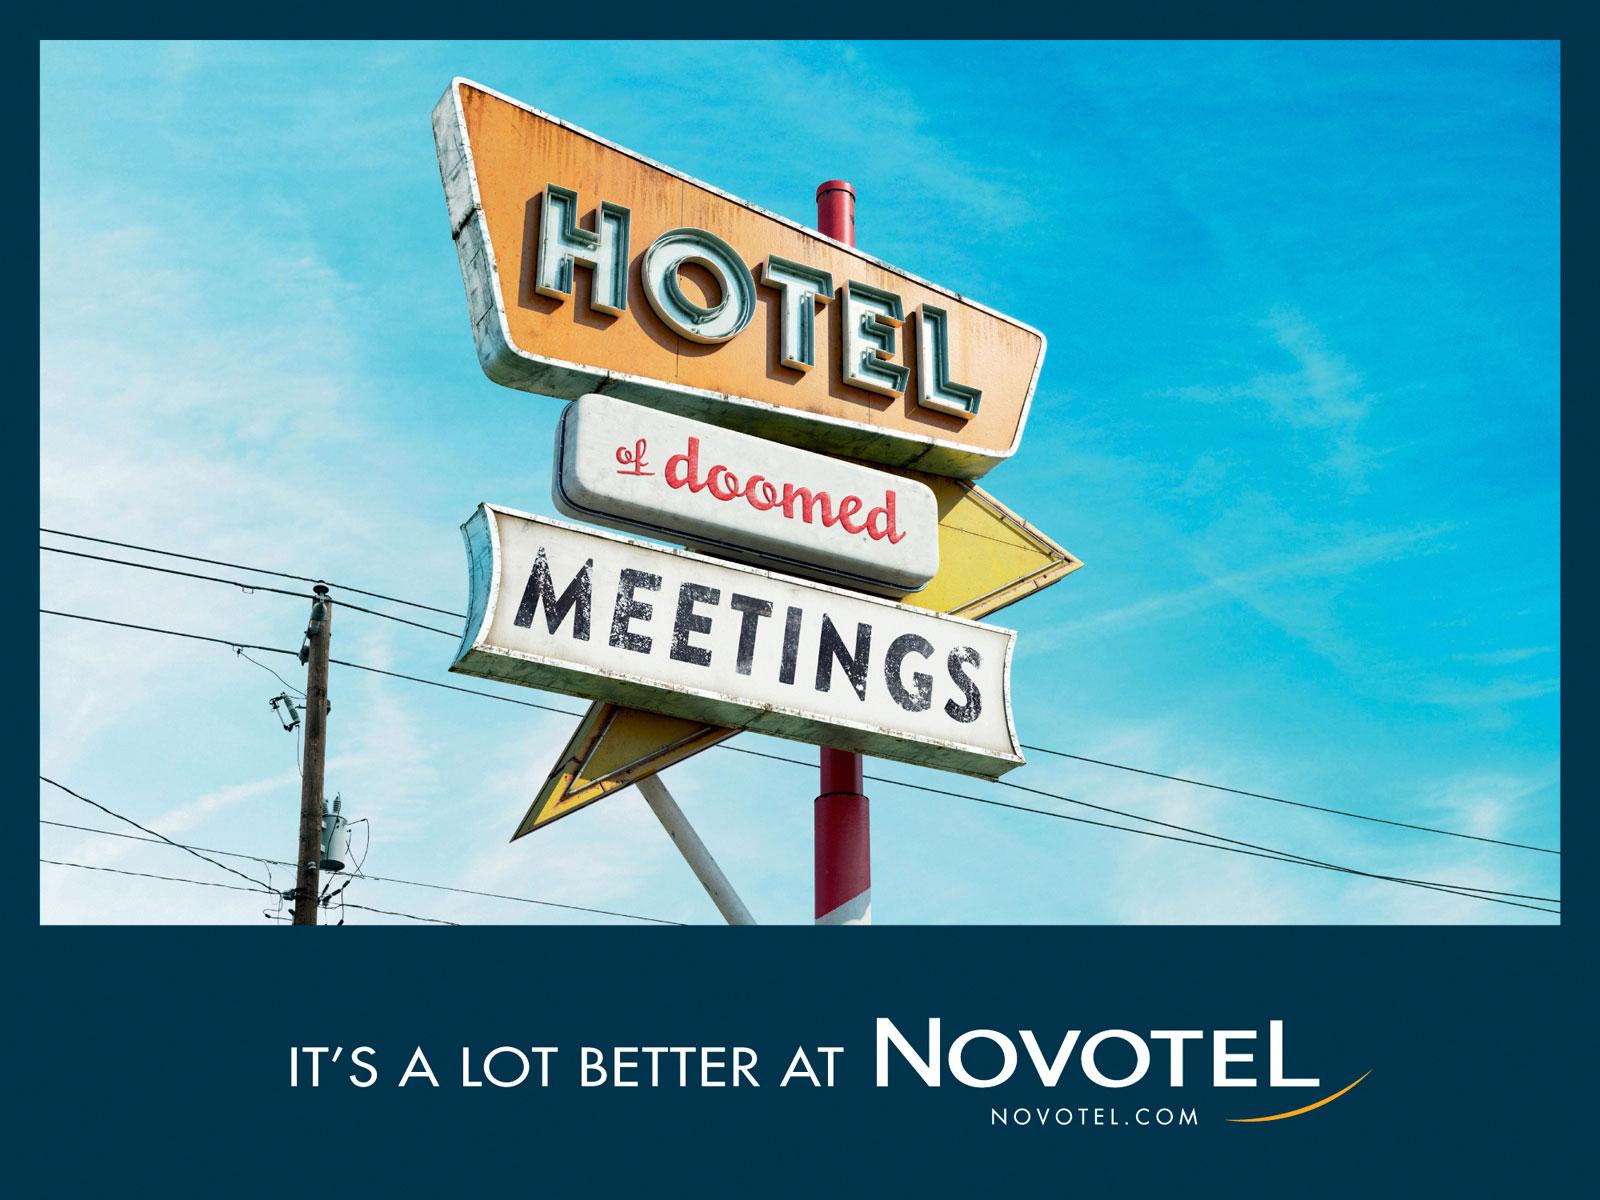 Novotel_DoomedMeetings.jpg